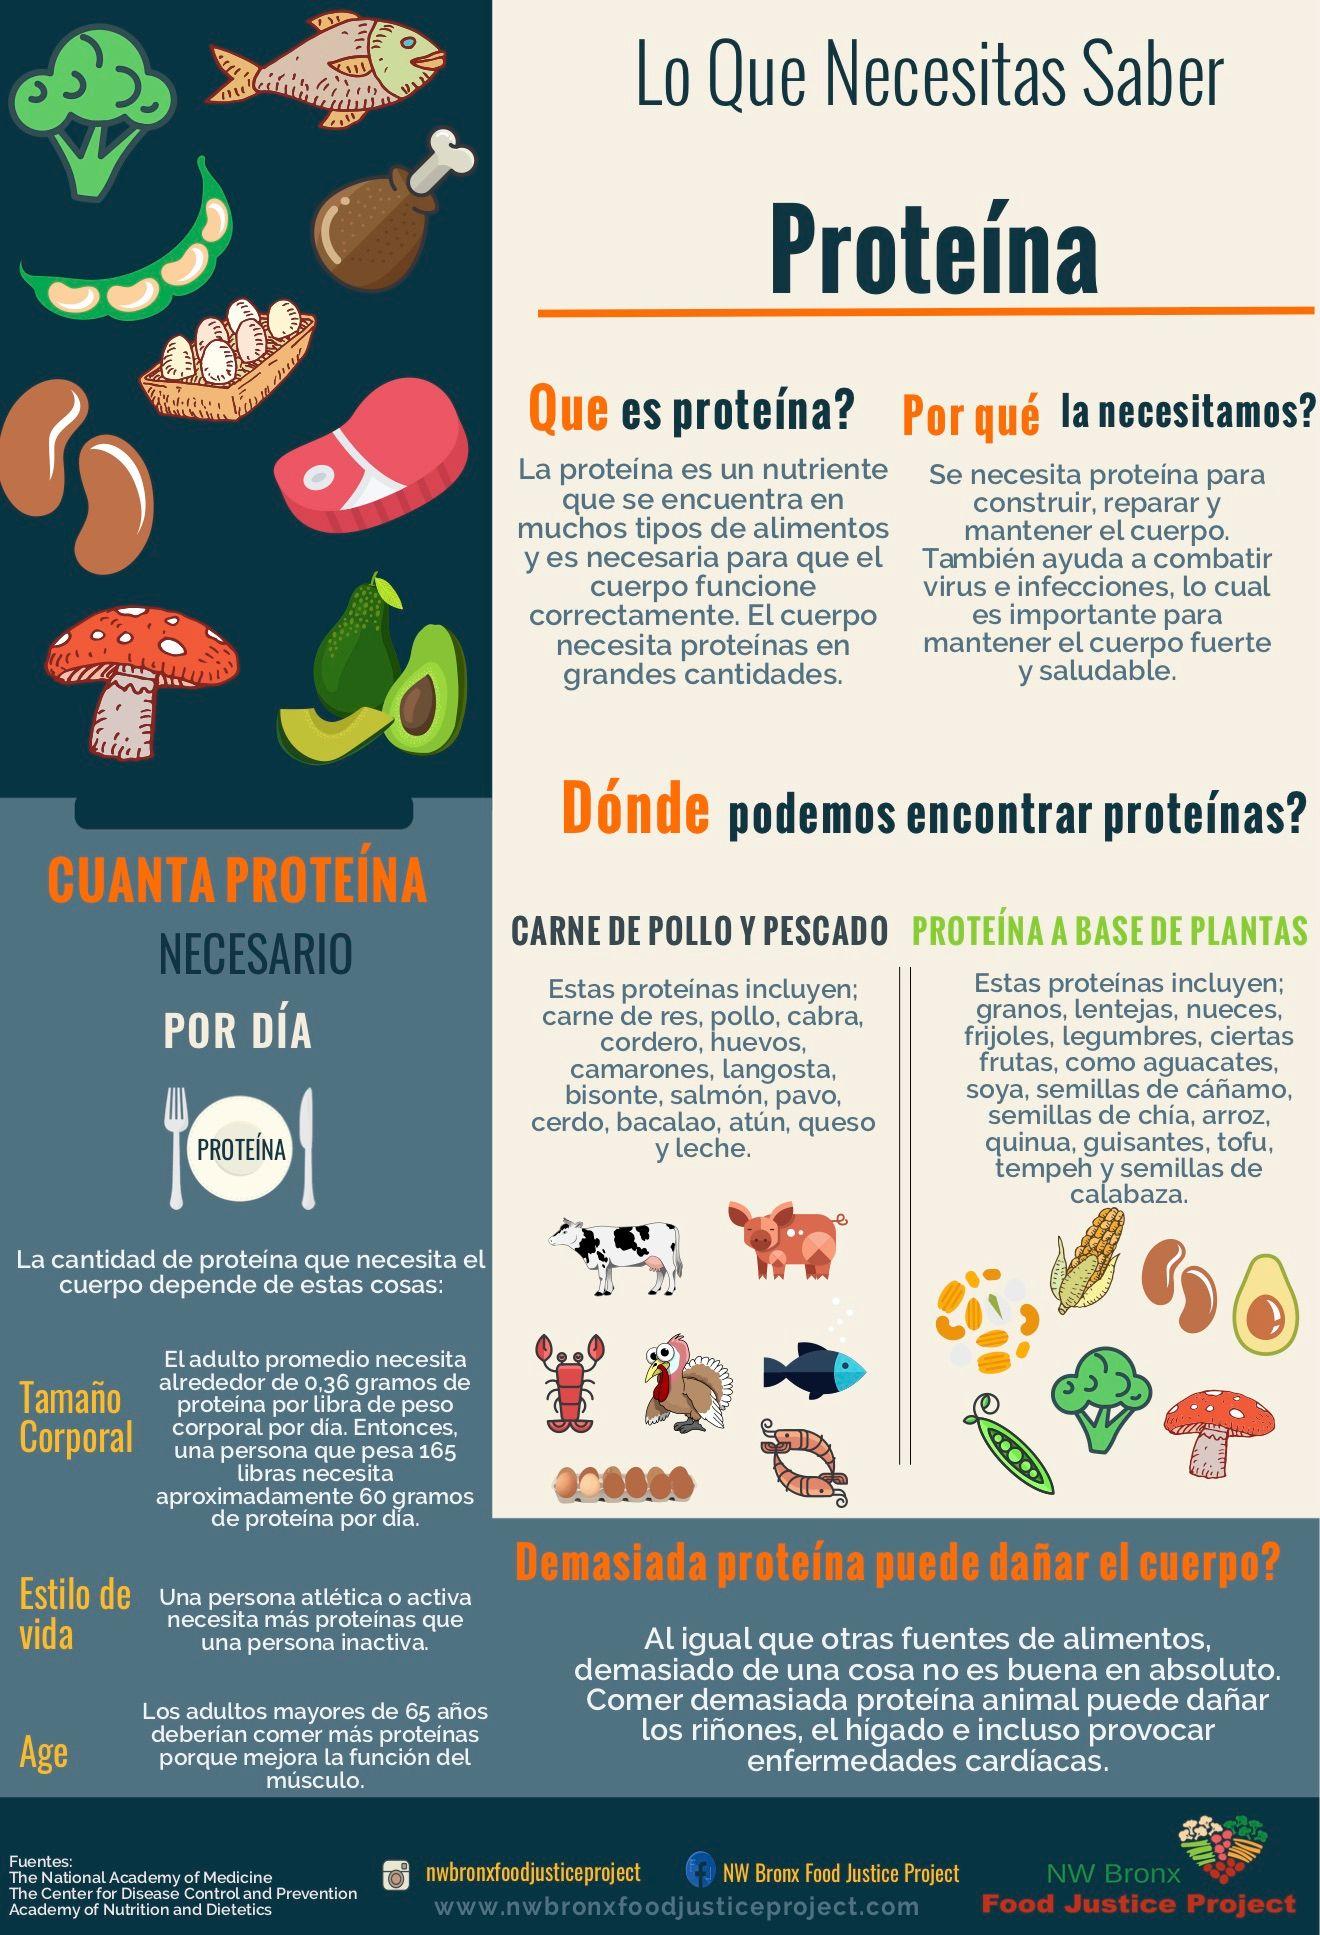 Covid-19 y la importancia de la proteína